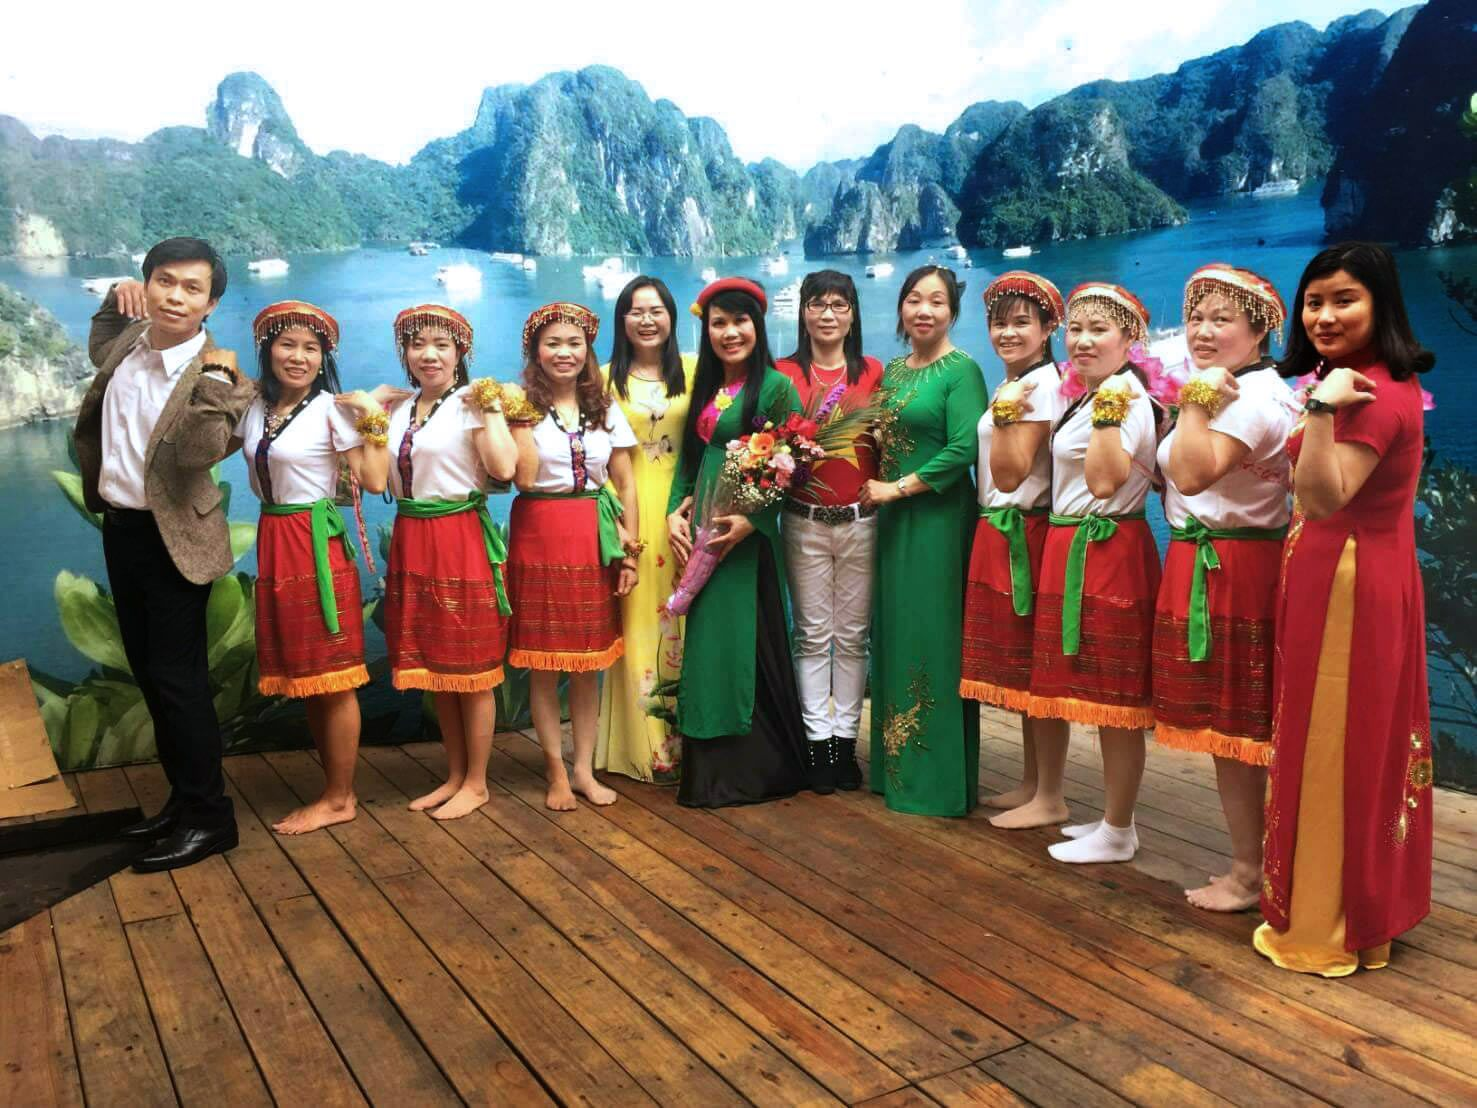 Grup tari Nanyang Dong Le Hui foto bersama setelah tampil